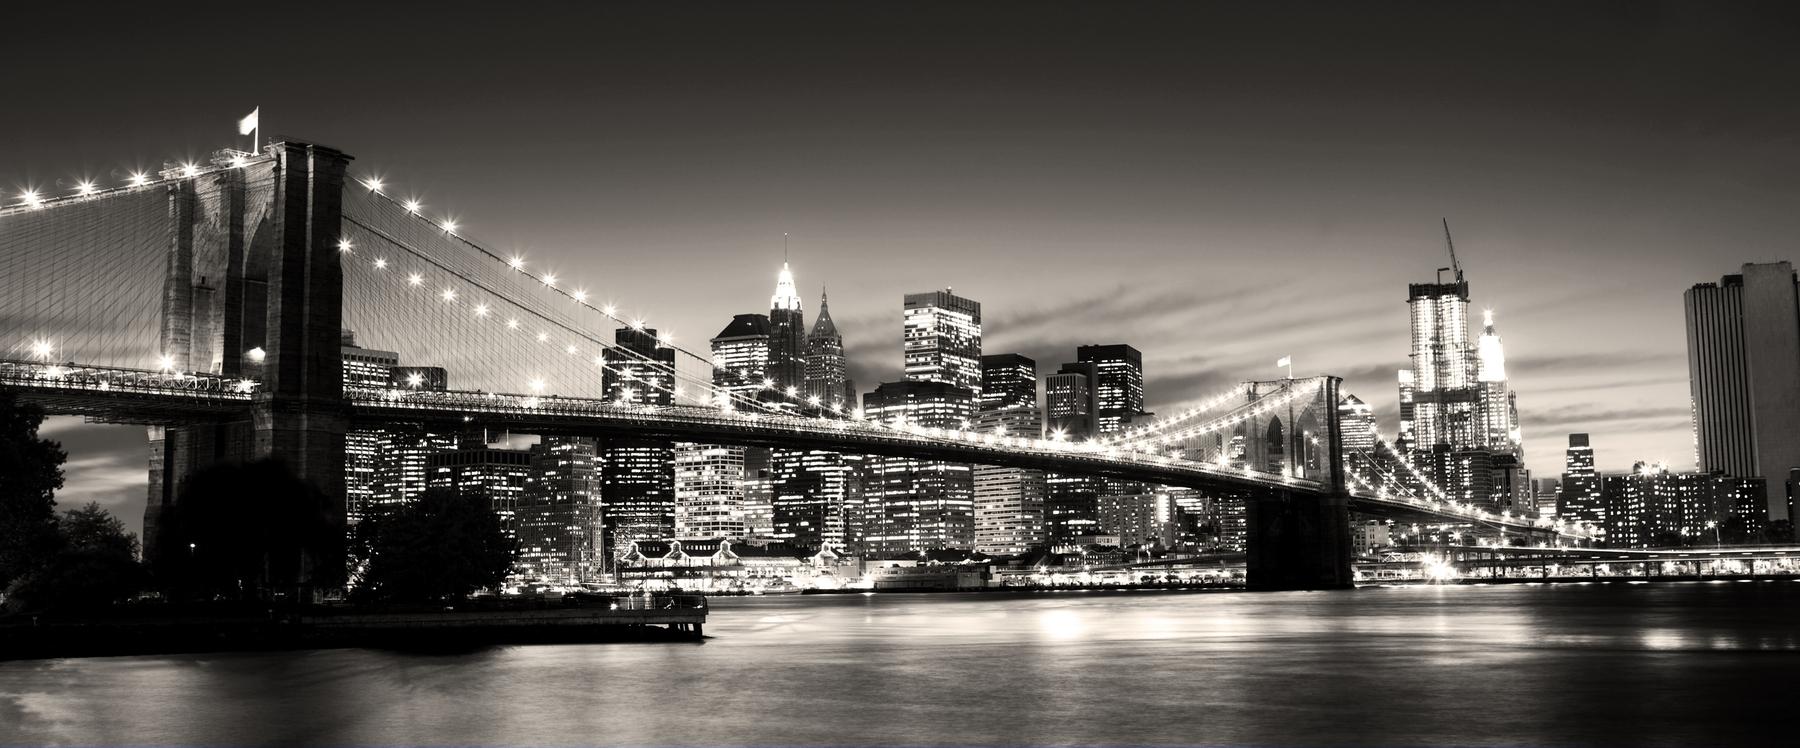 Buy Brooklyn Bridge Sepia Wall Mural Free Us Shipping At